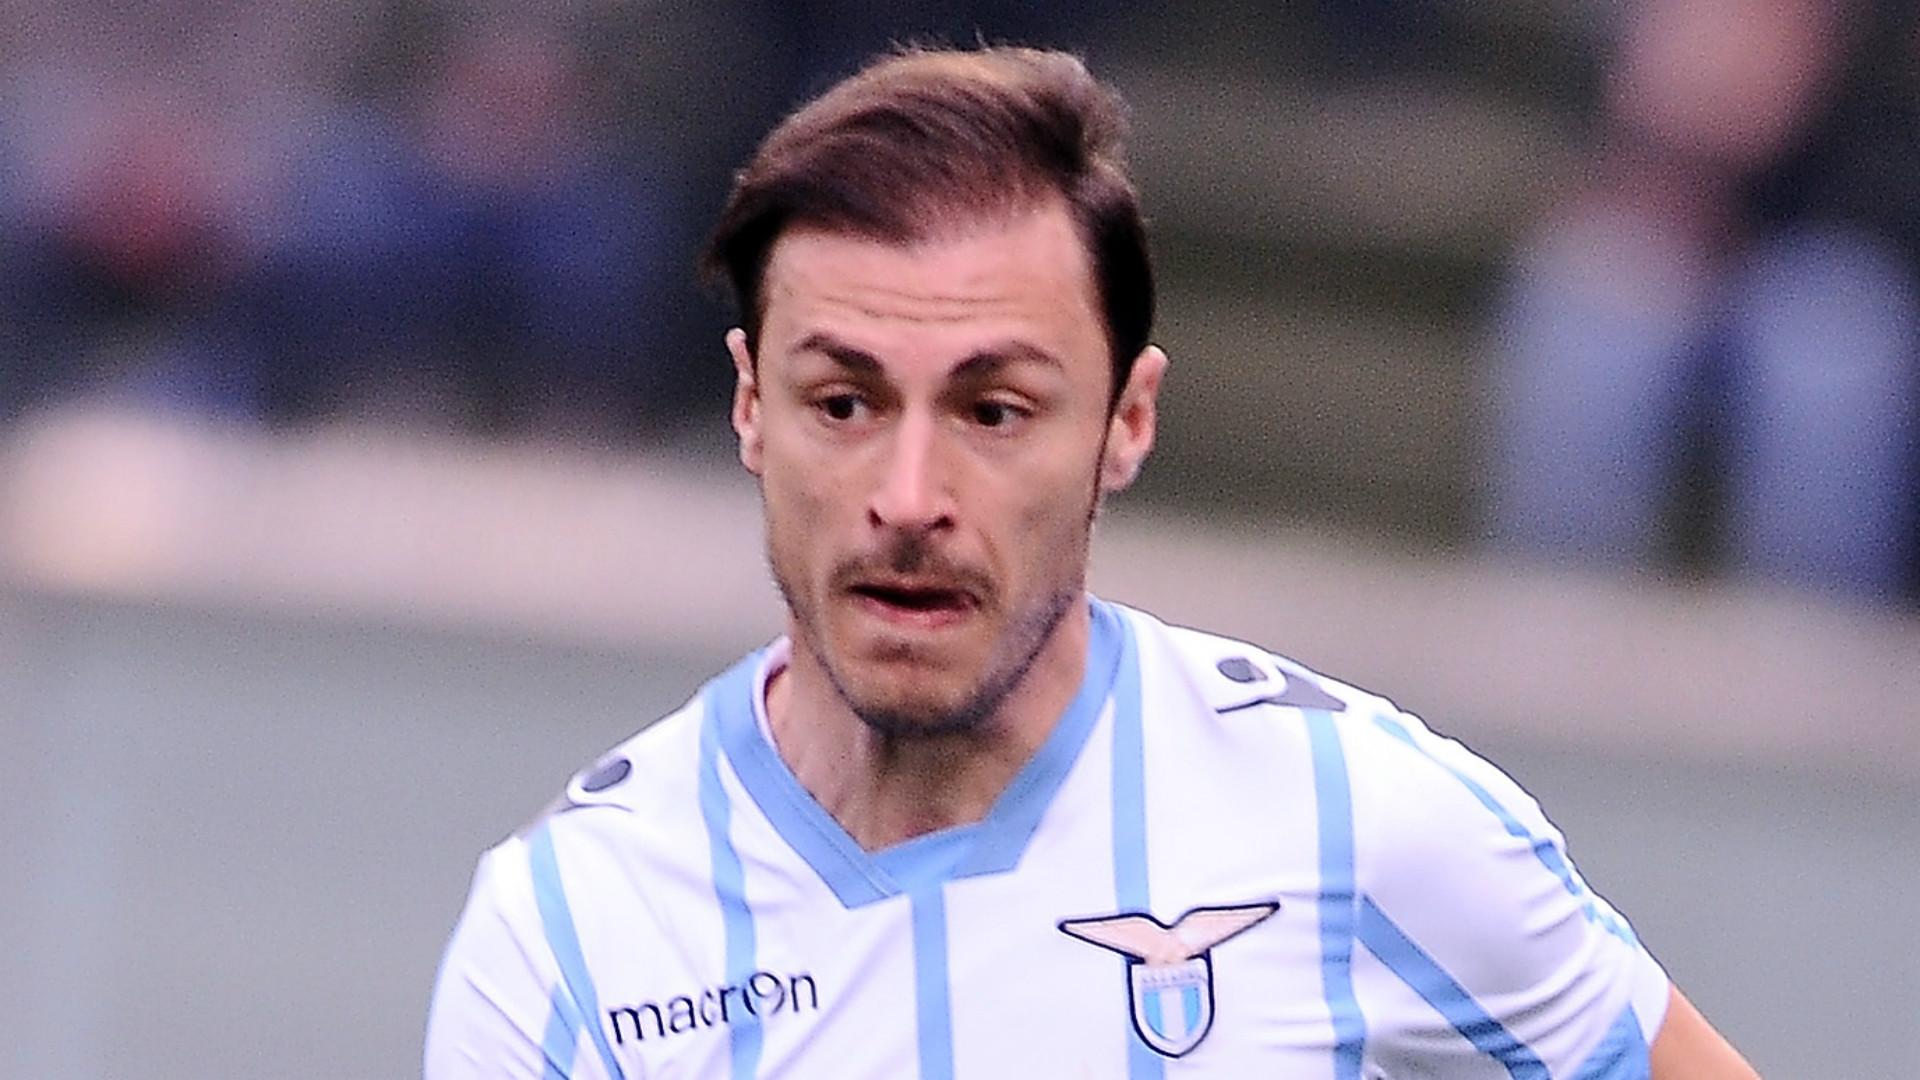 Terza Maglia Lazio STEFAN RADU